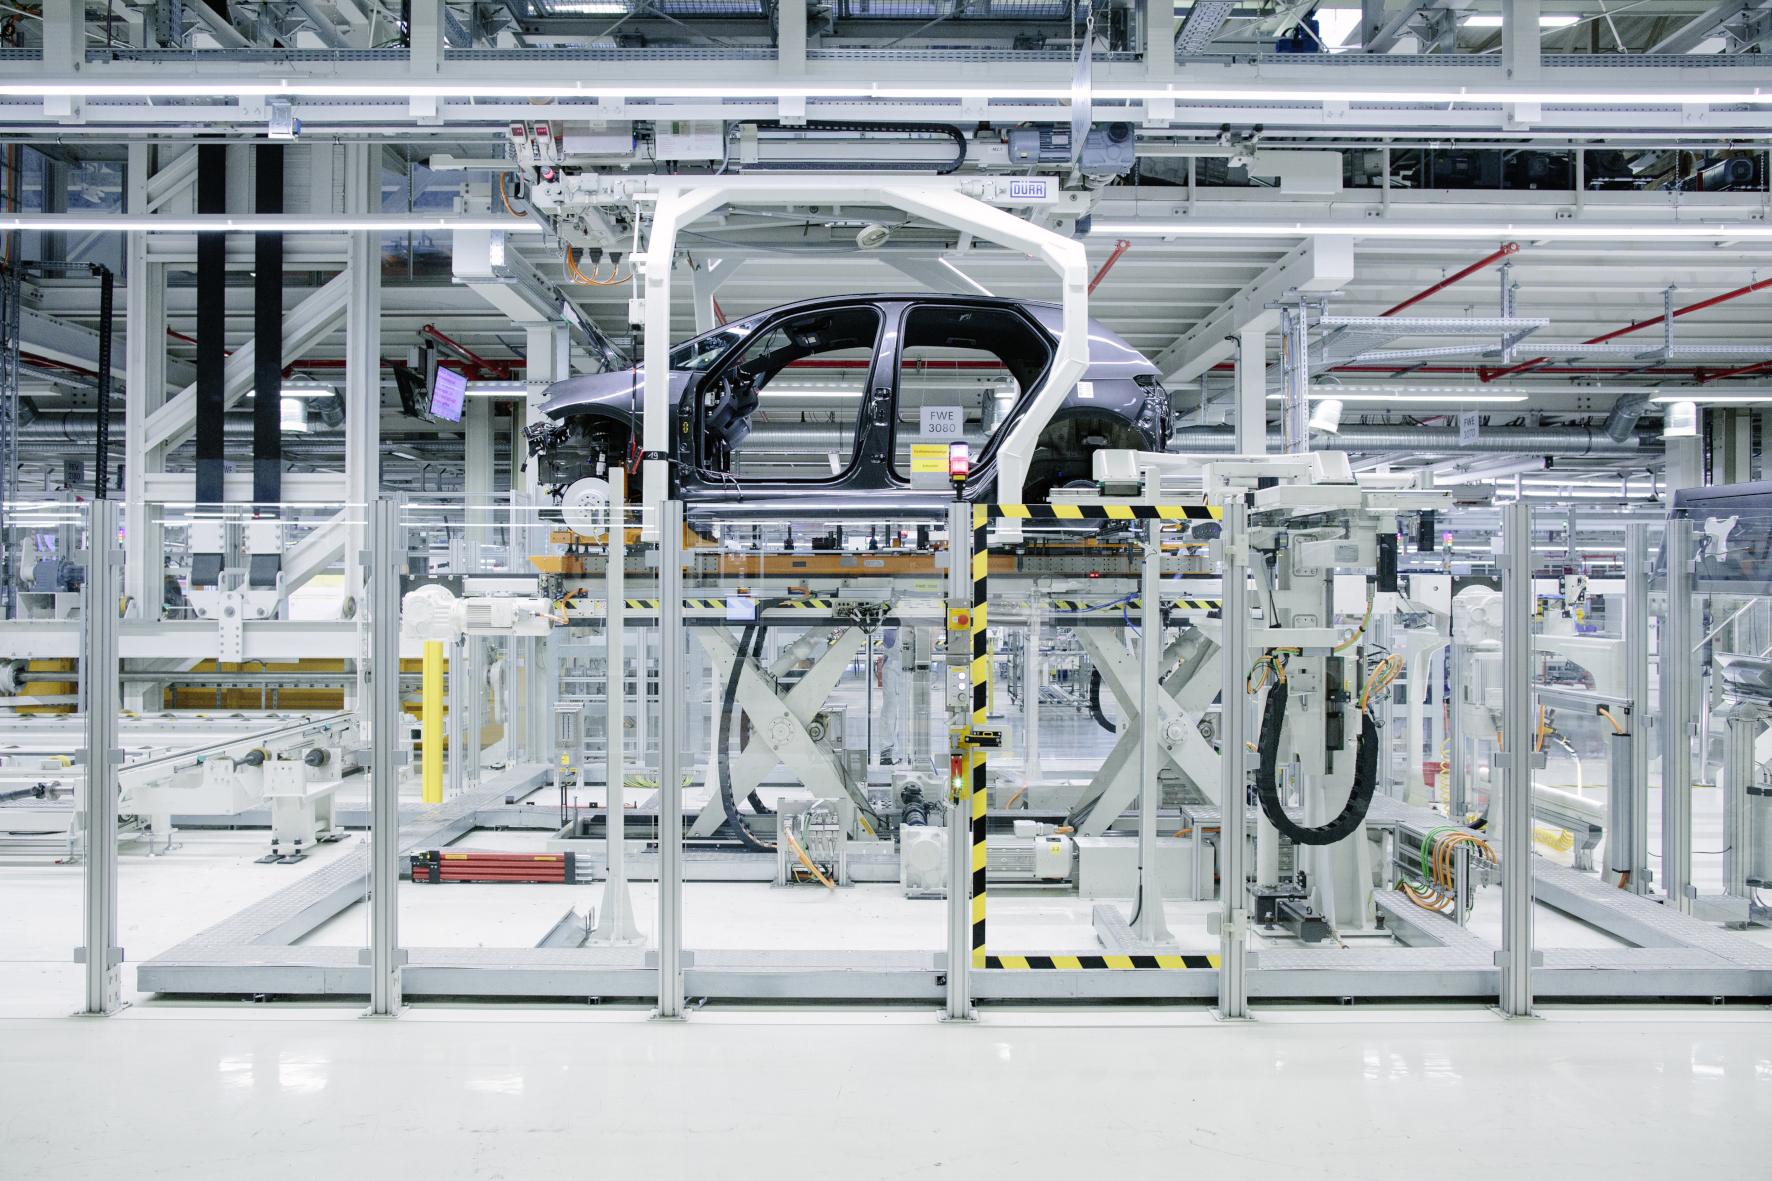 mid Groß-Gerau - Die deutschen Verbraucher legen großen Wert auf die heimische Automobilproduktion. VW